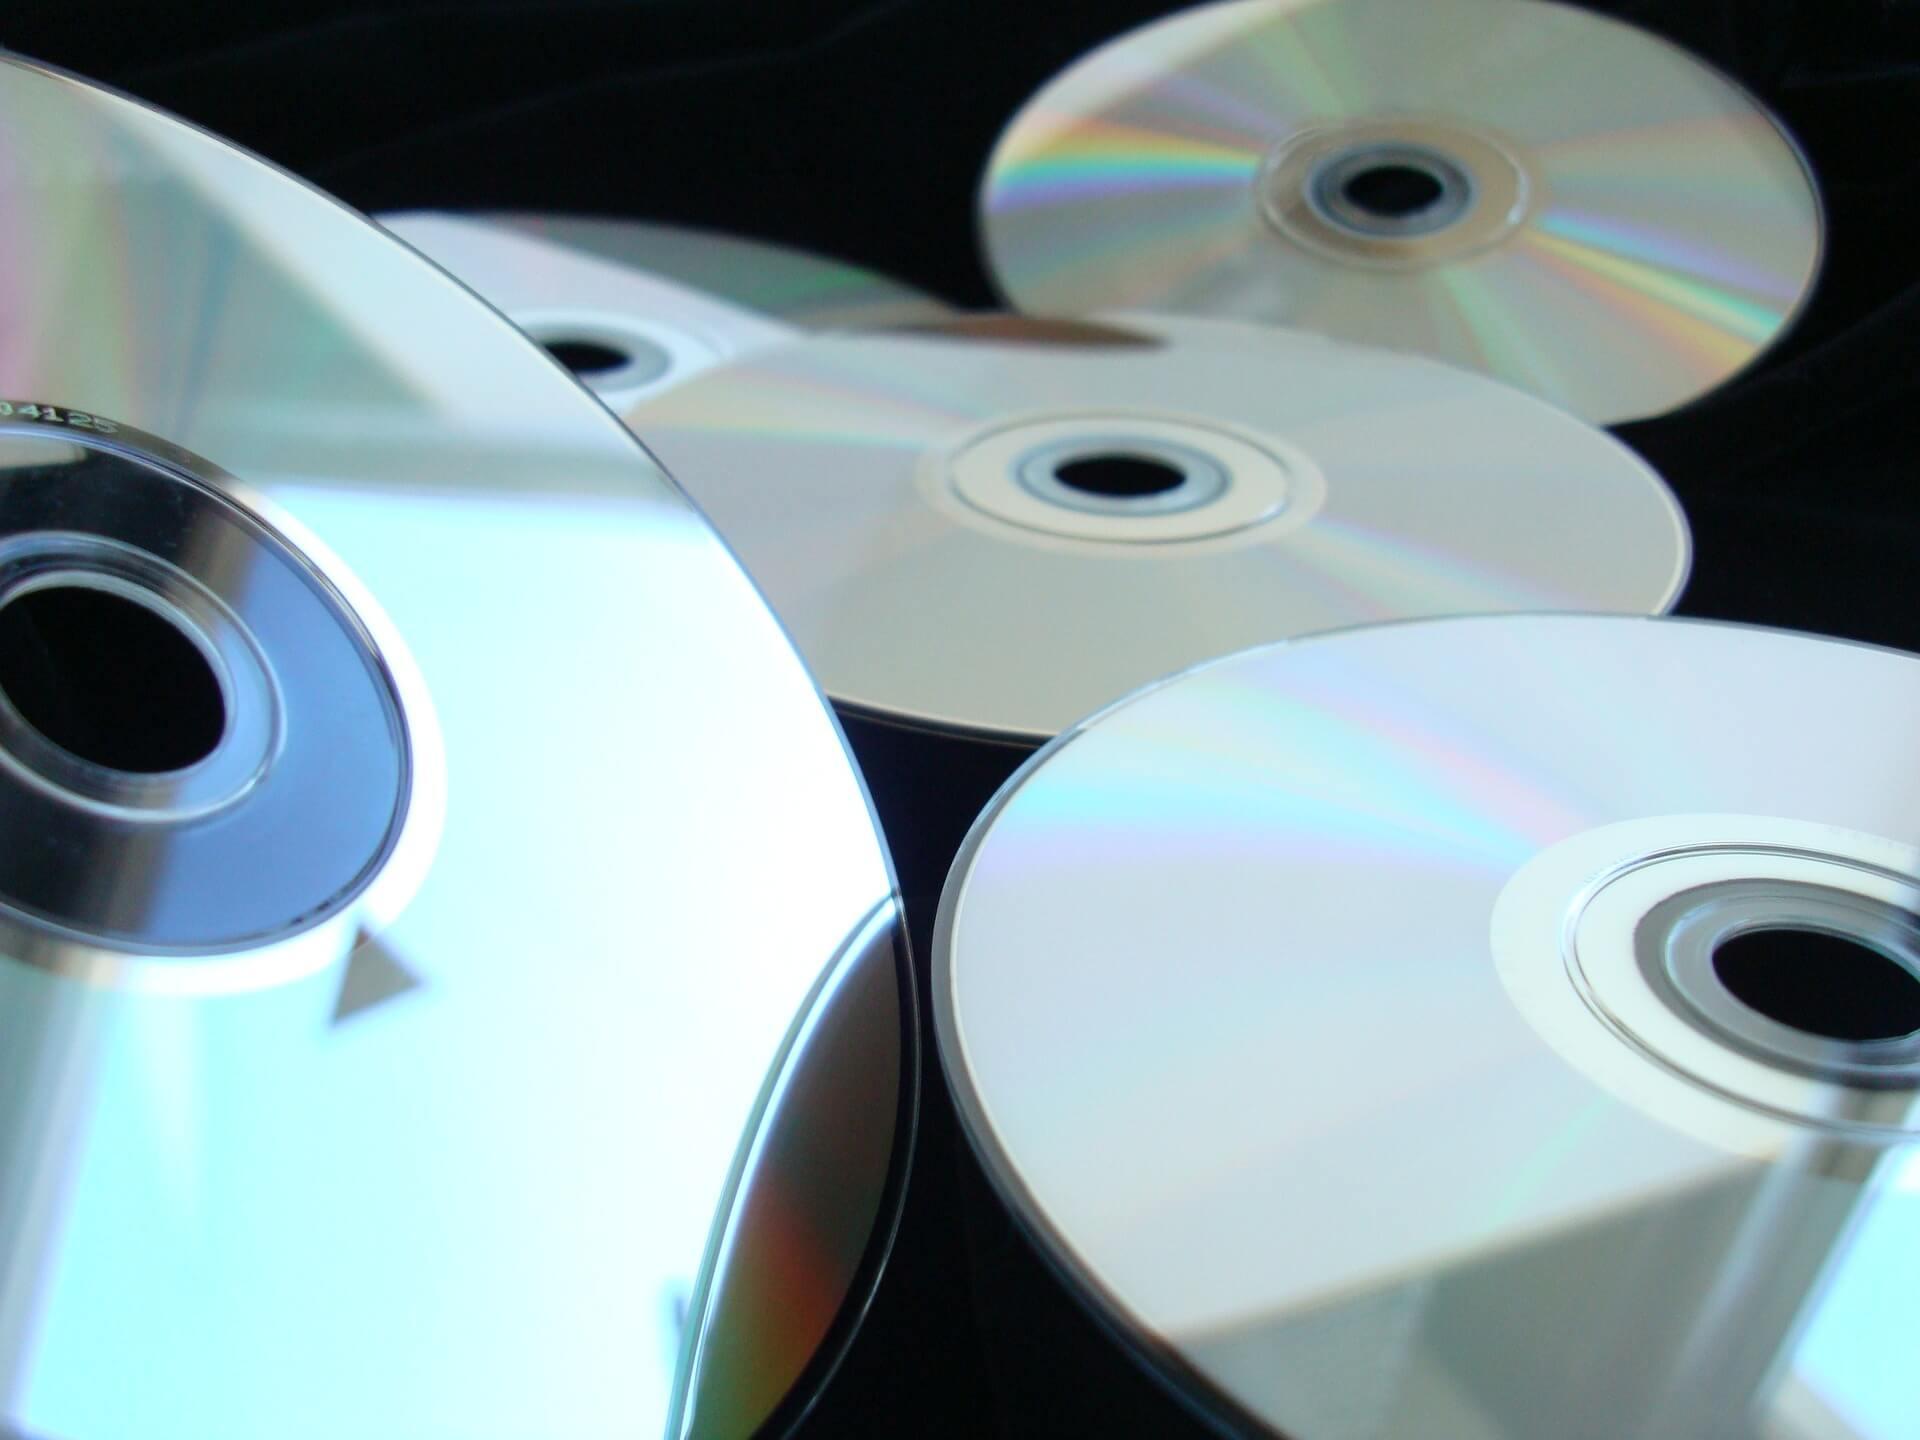 Ich möchte doch nur meine CD vervielfältigen lassen – Das Presswerk möchte seltsame Dinge